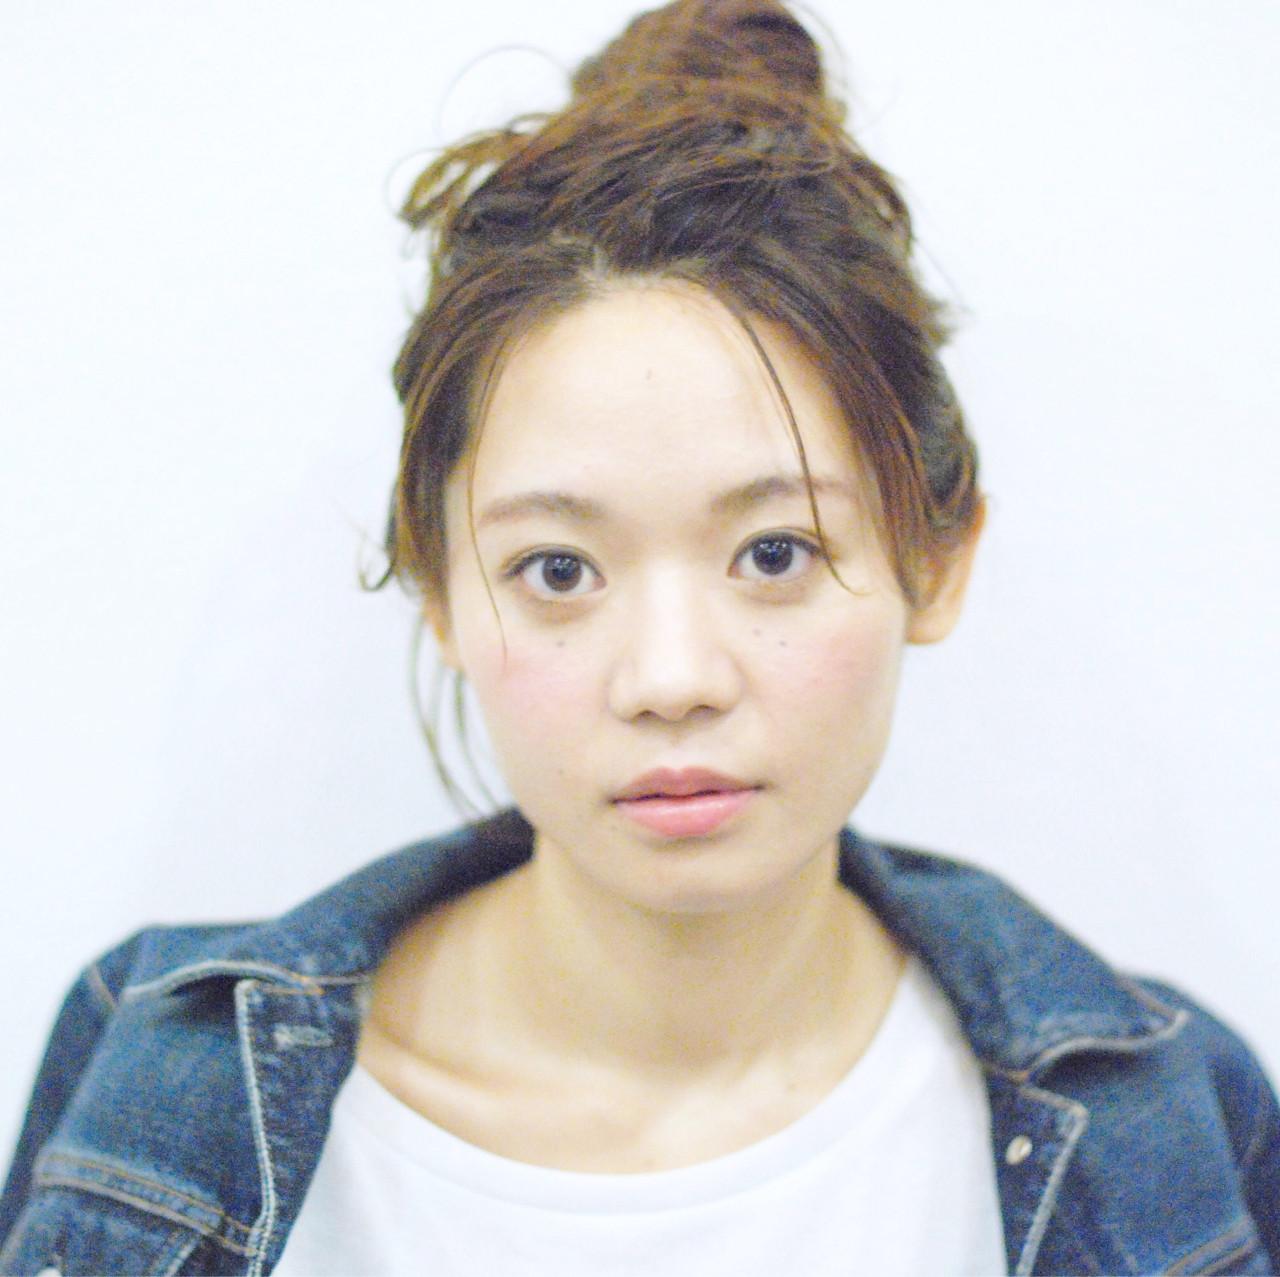 おでこスッキリ華やか!前髪ポンパドールの作り方♪短い前髪でも作れます 長 賢太郎 | HEART